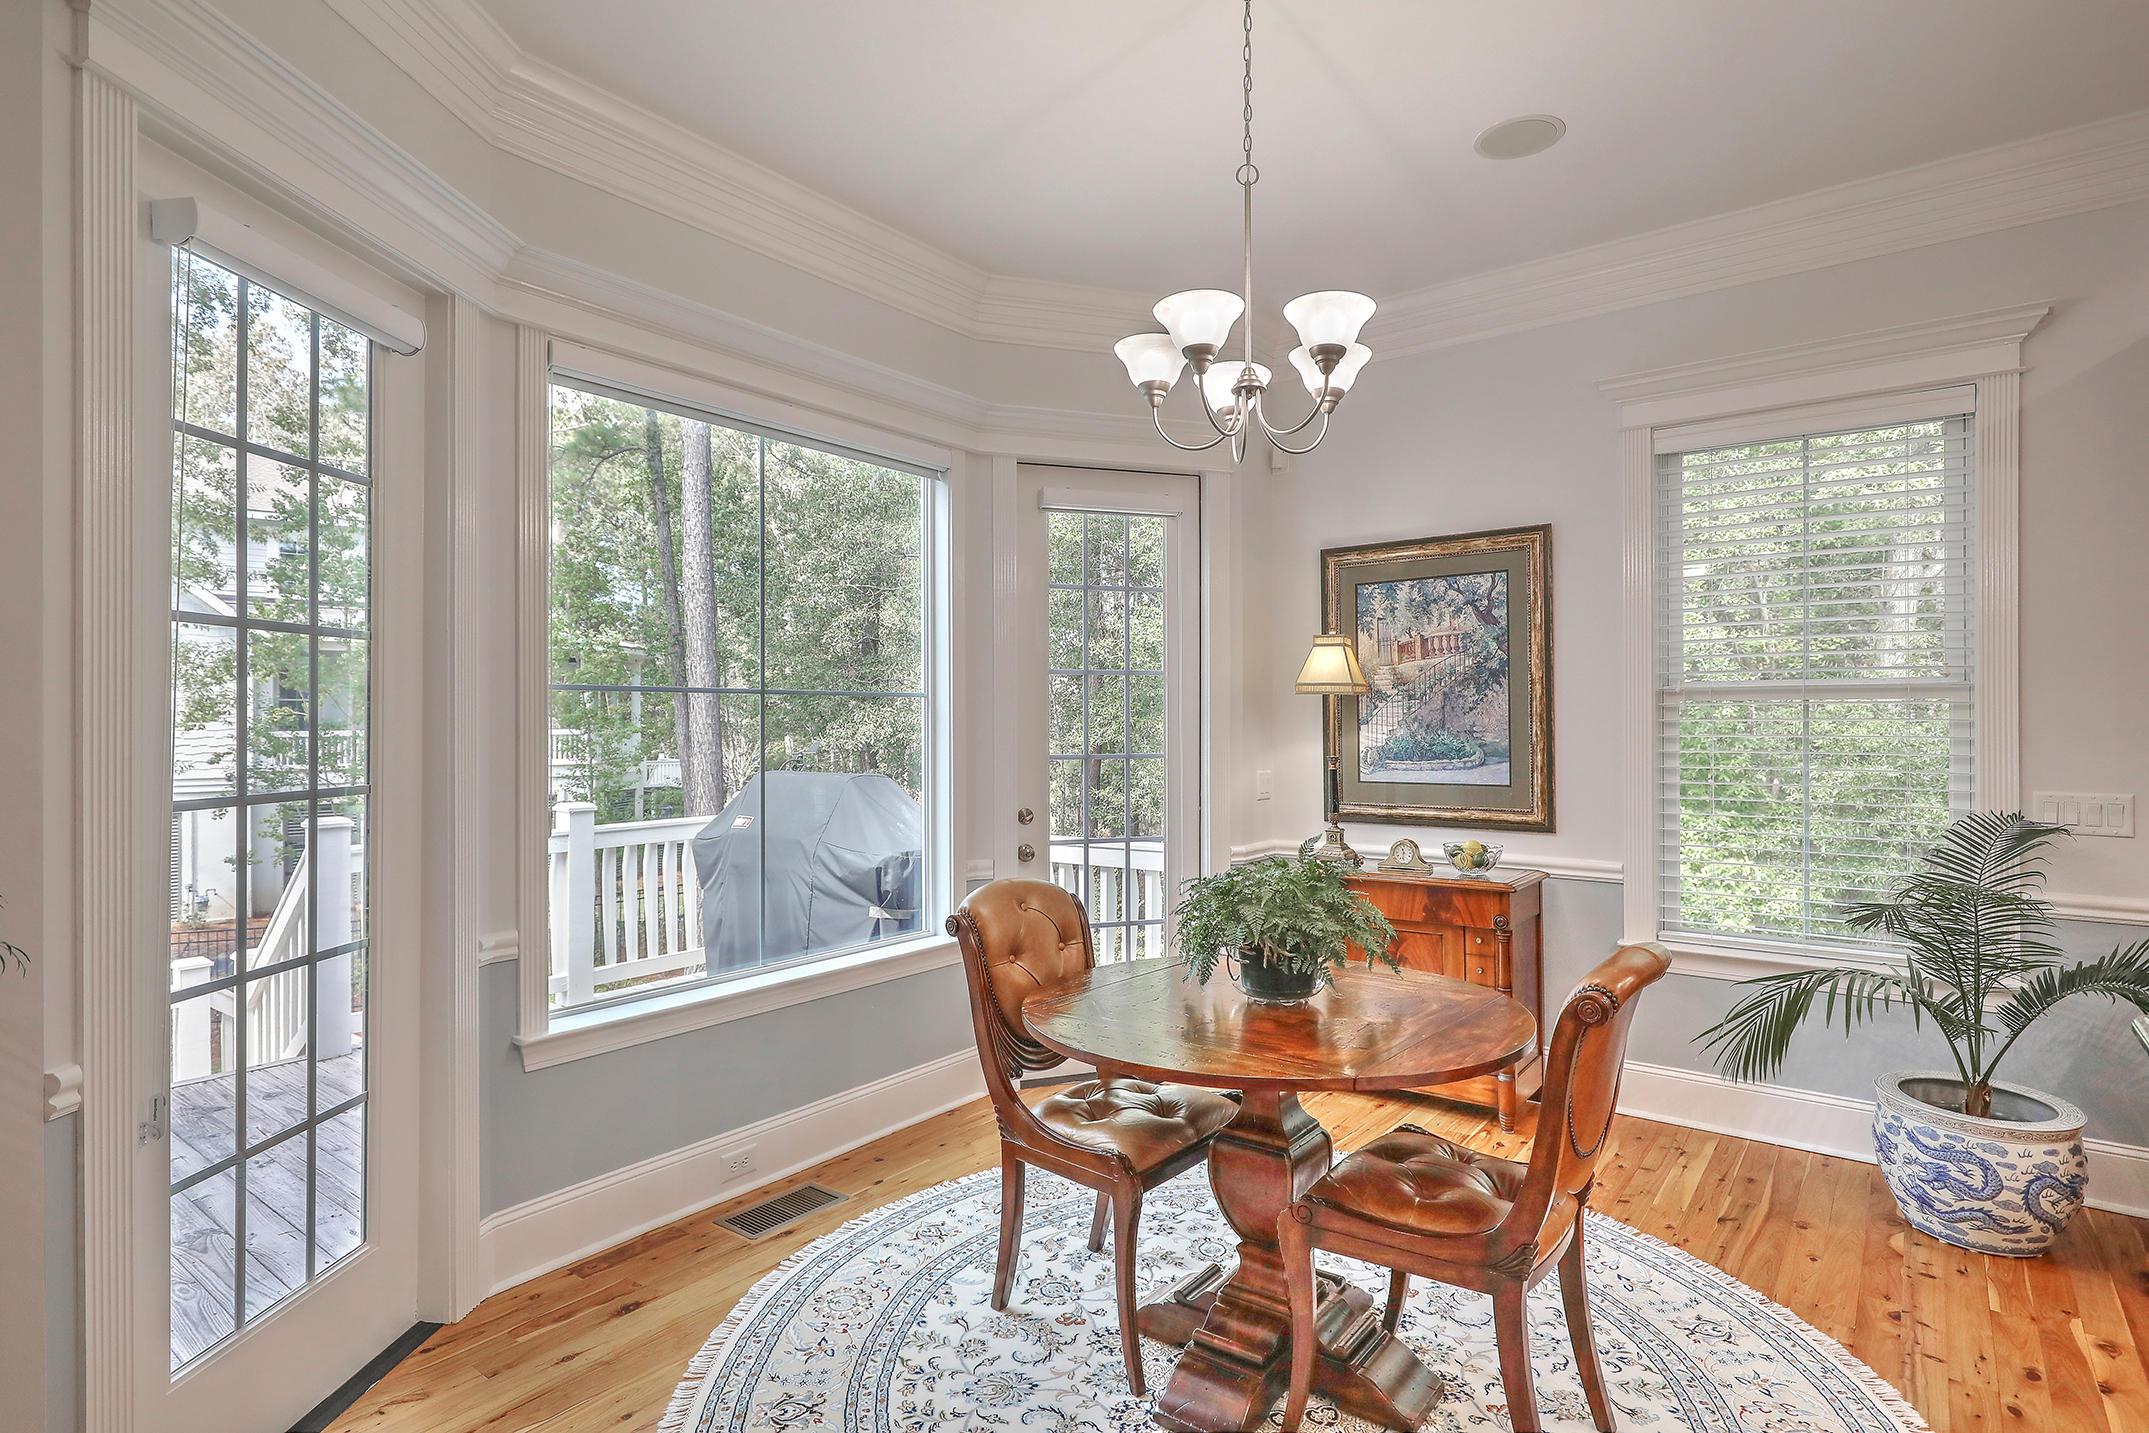 Park West Homes For Sale - 2108 Malcolm, Mount Pleasant, SC - 31